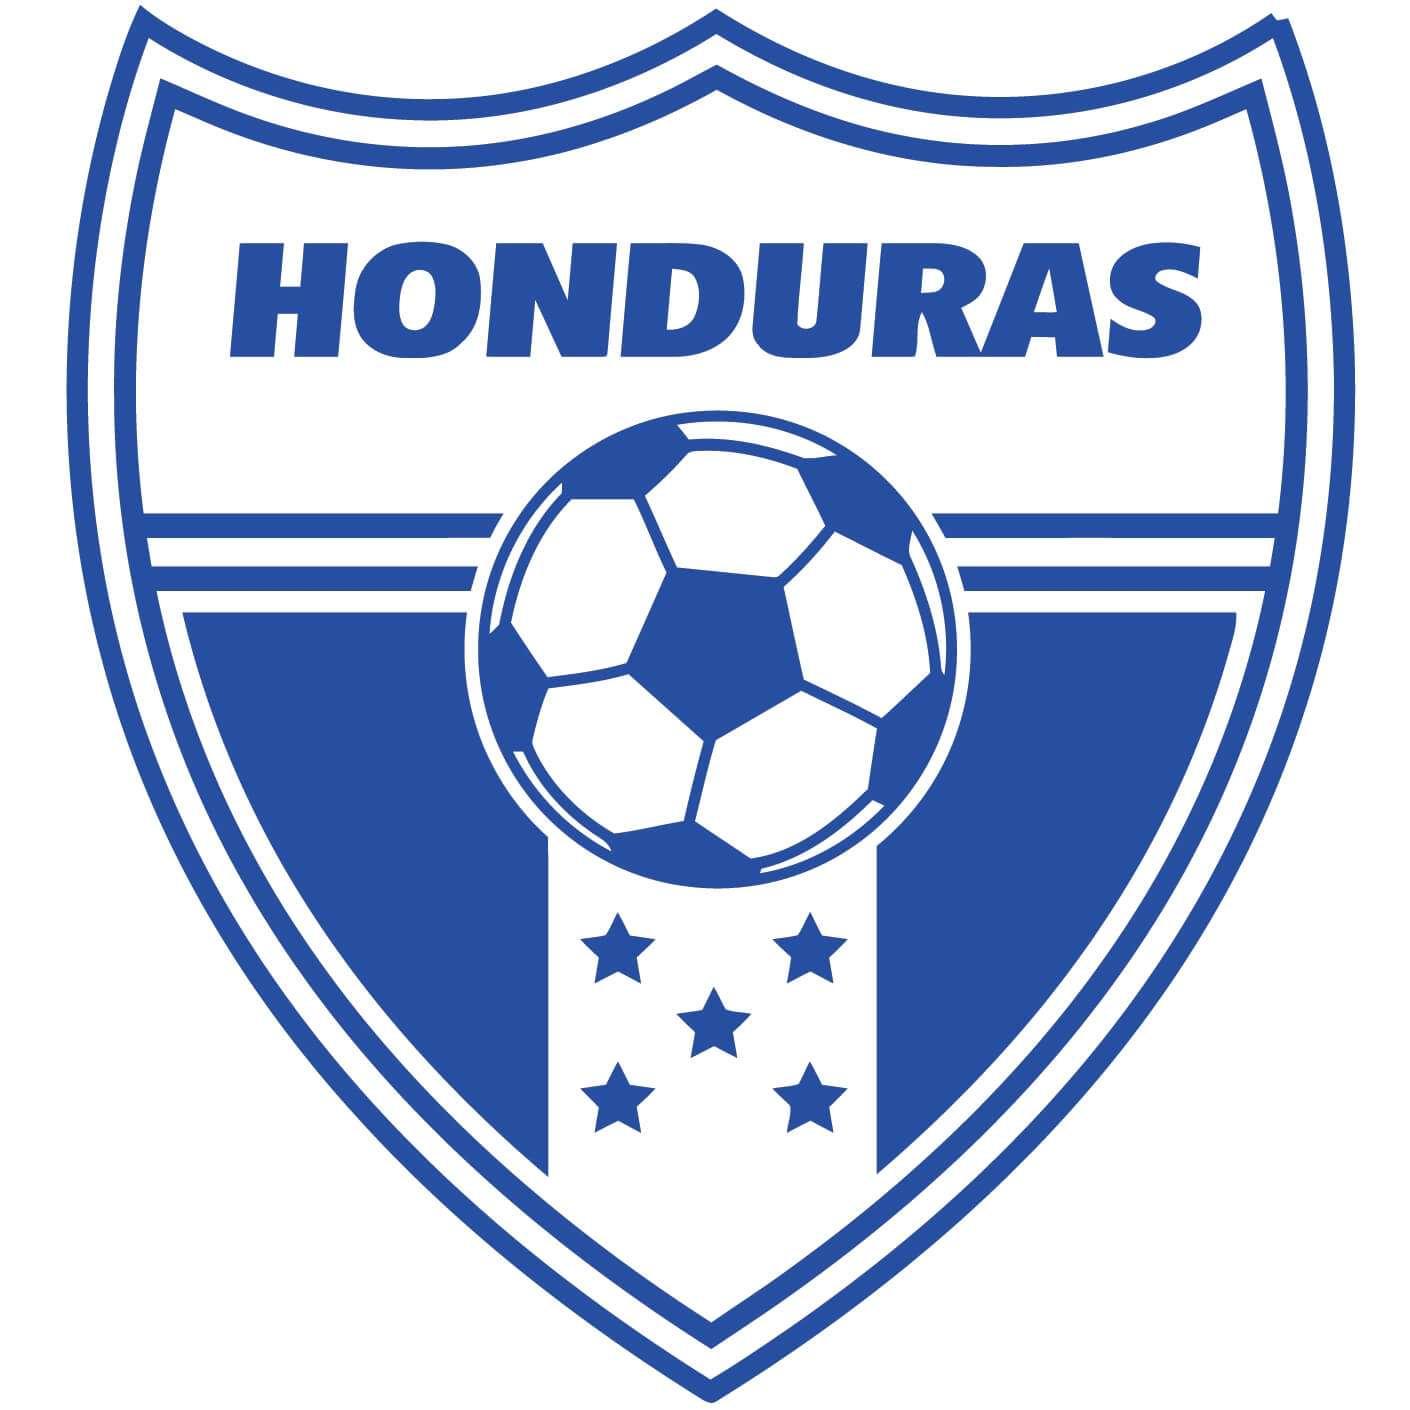 honduras-national-football-team-association-football-in-honduras-logo